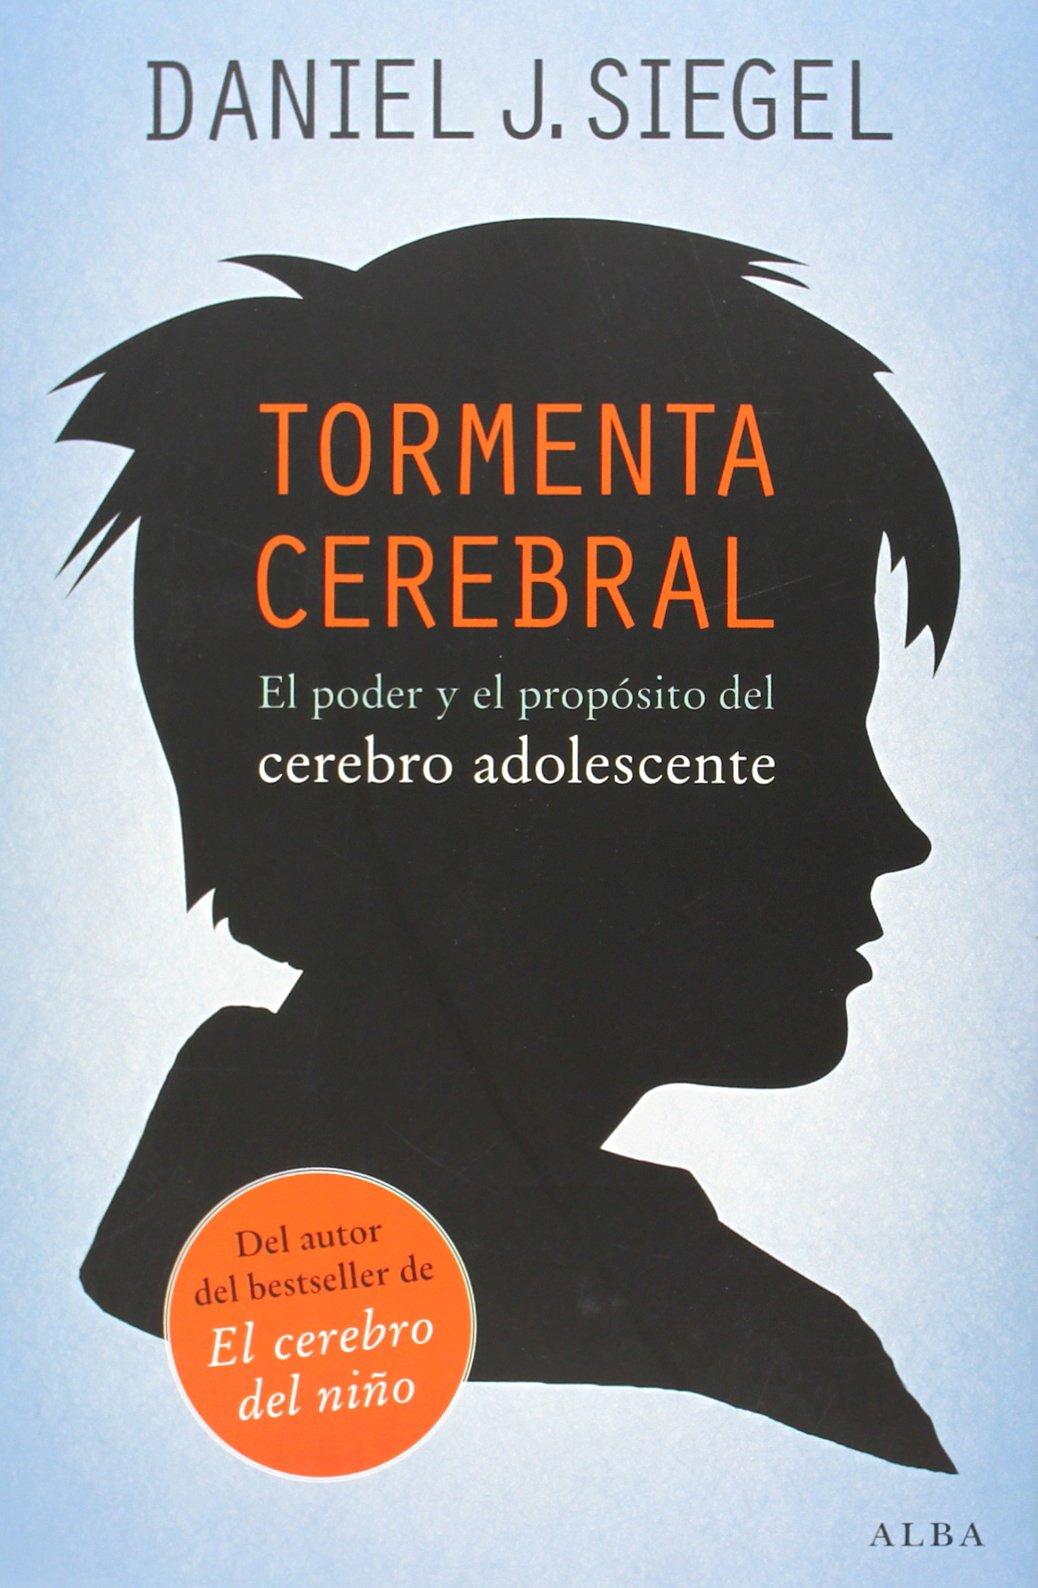 Tormenta cerebral: El poder y el propósito del cerebro adolescente  Psicología/Padres: Amazon.es: Daniel J. Siegel, José Manuel Berástegui  Rubio: Libros